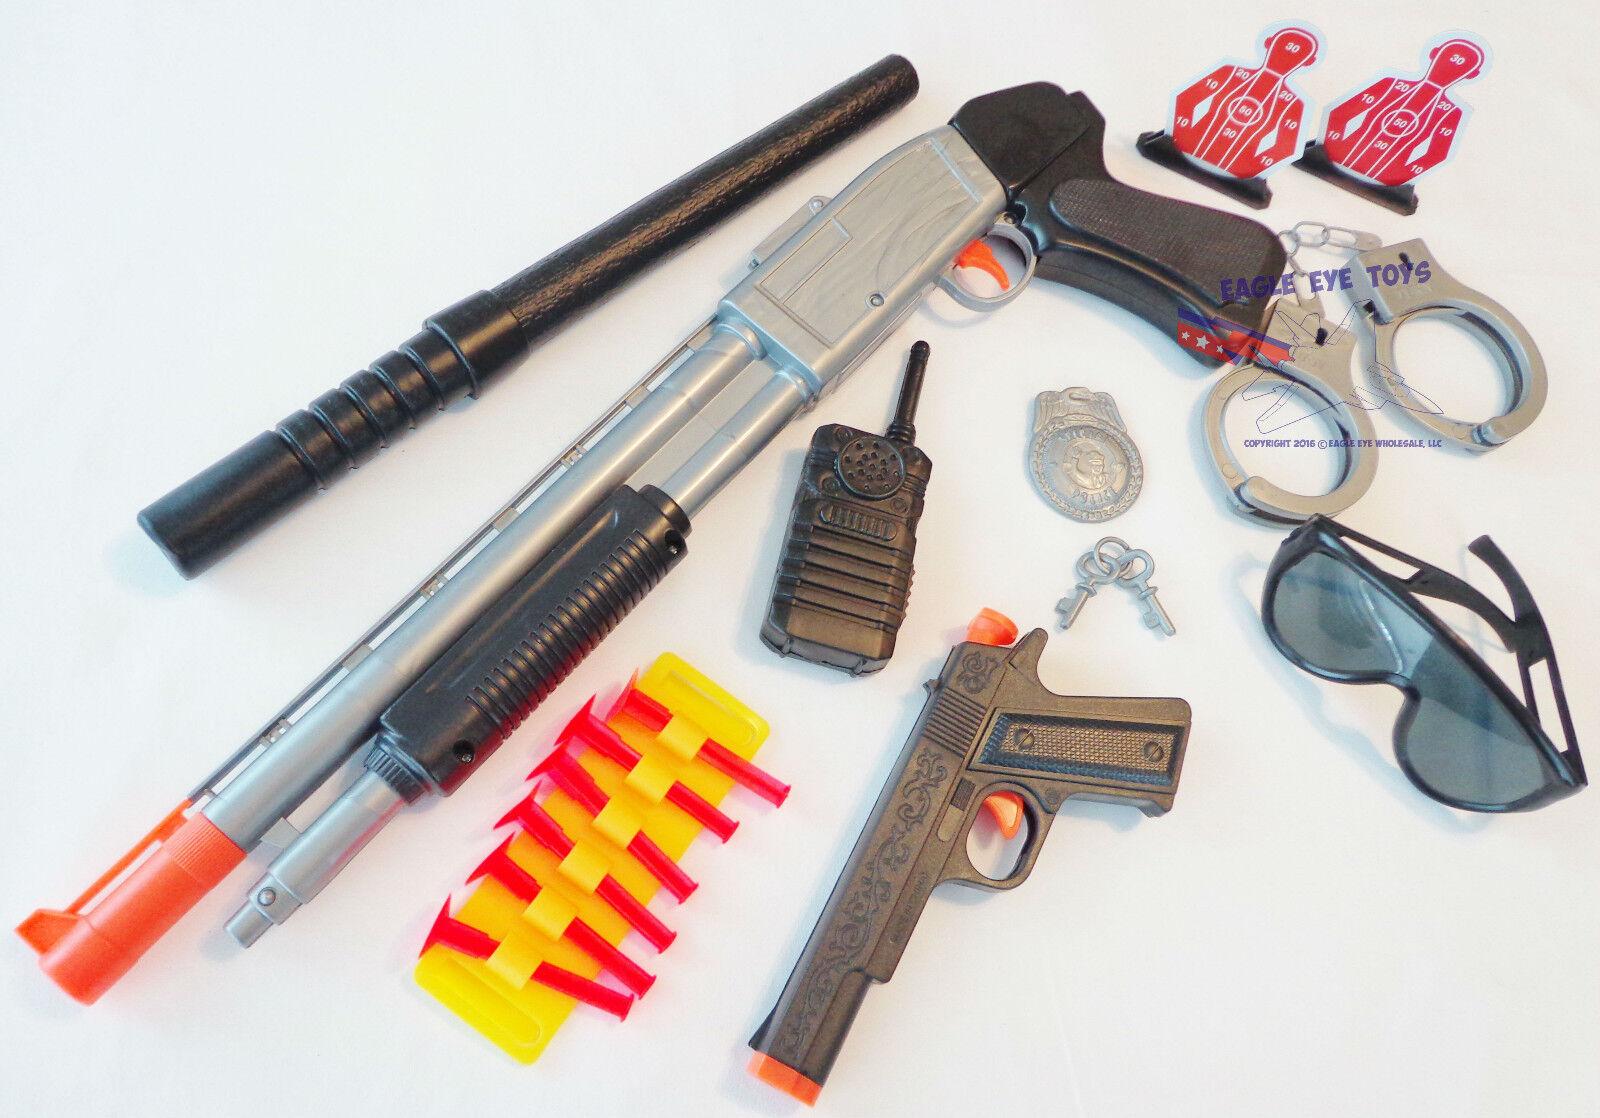 3x Toy Guns Sawed-Off Shotgun /& Revolver Cap Gun Set Electronic M1 Toy Rifle